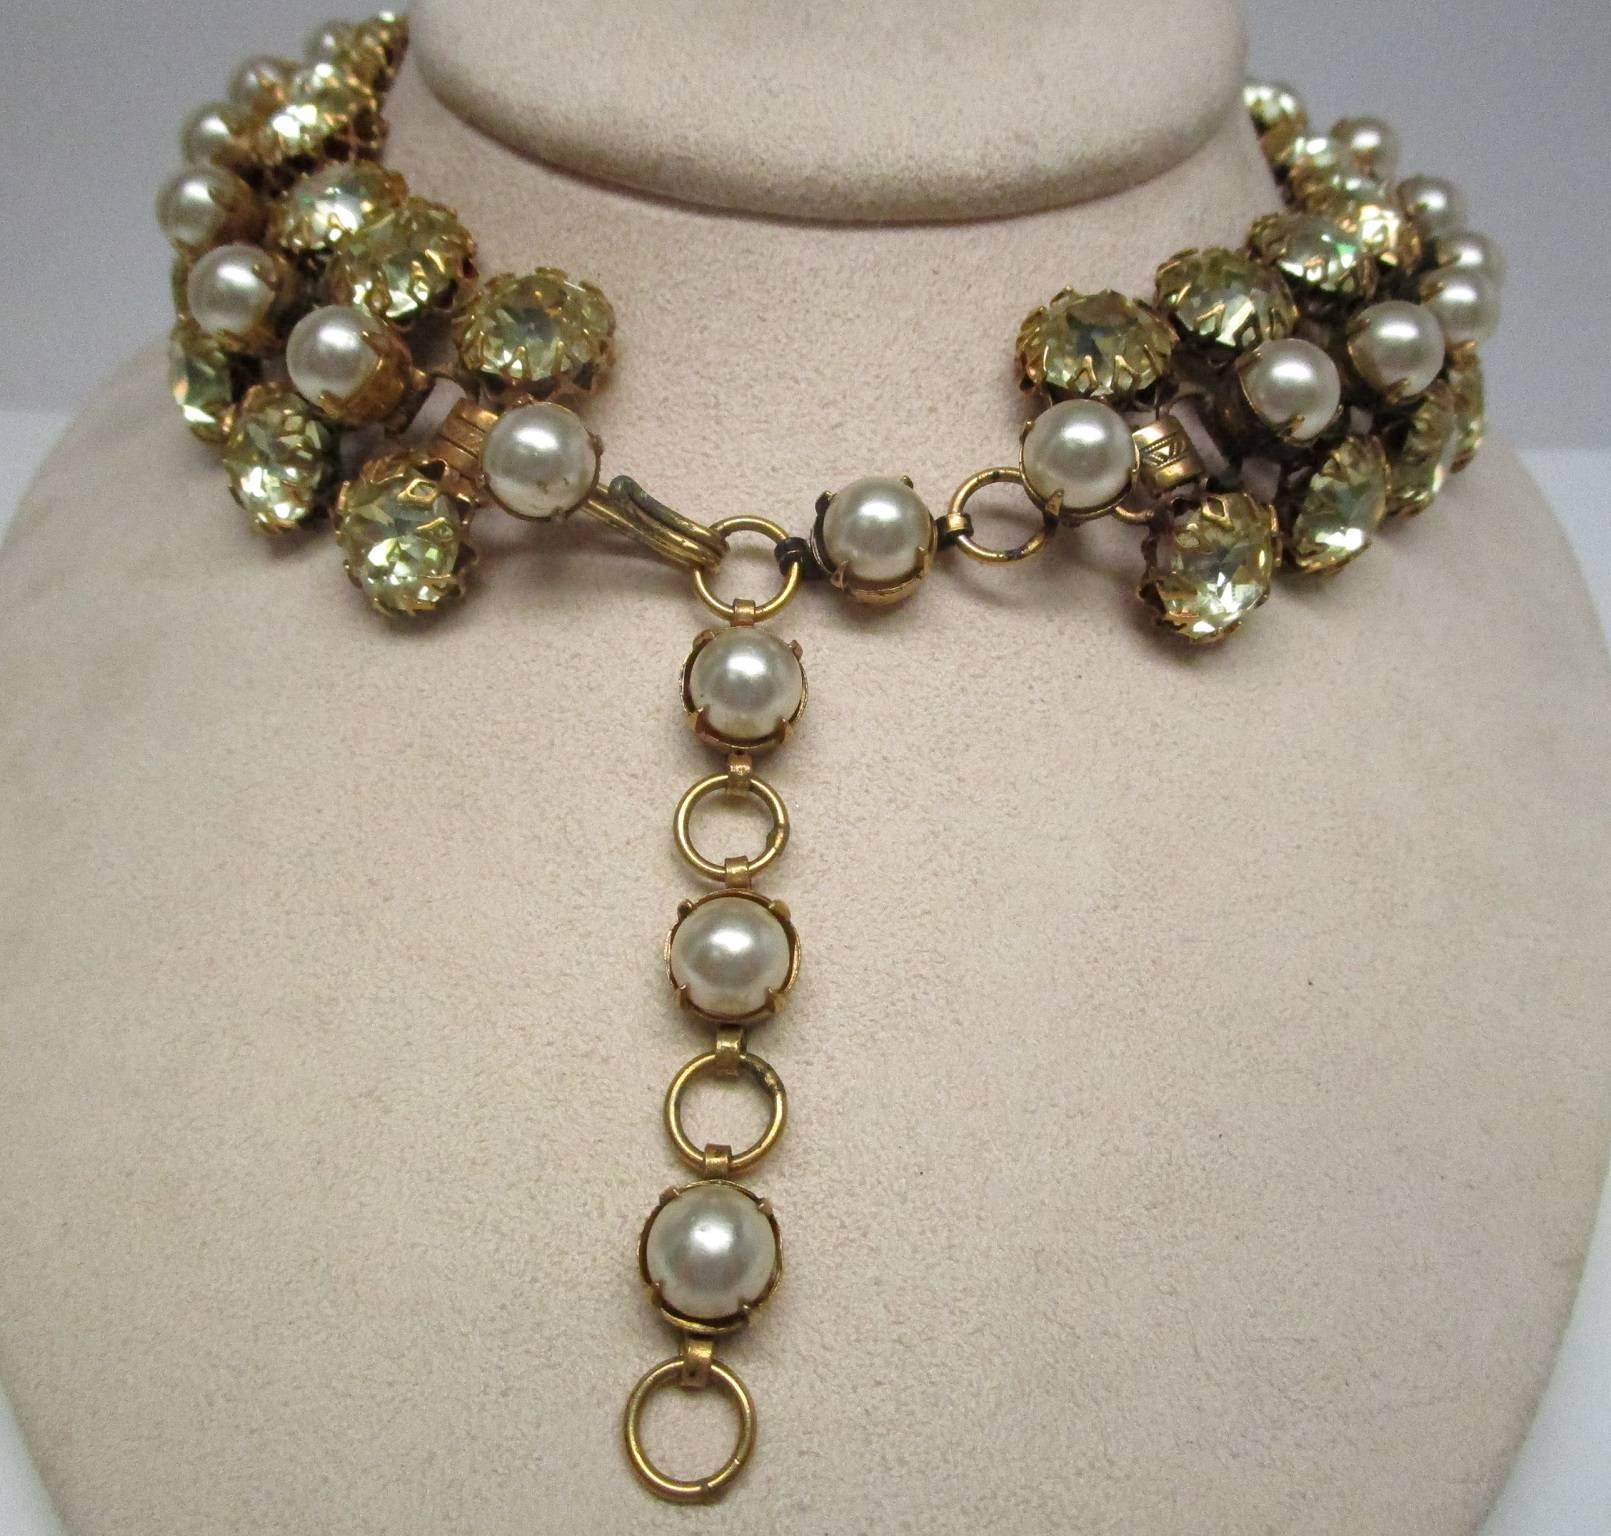 Art Deco Schreiner Deco Rhinestone Pearl Costume Choker Necklace For Sale & Schreiner Deco Rhinestone Pearl Costume Choker Necklace at 1stdibs